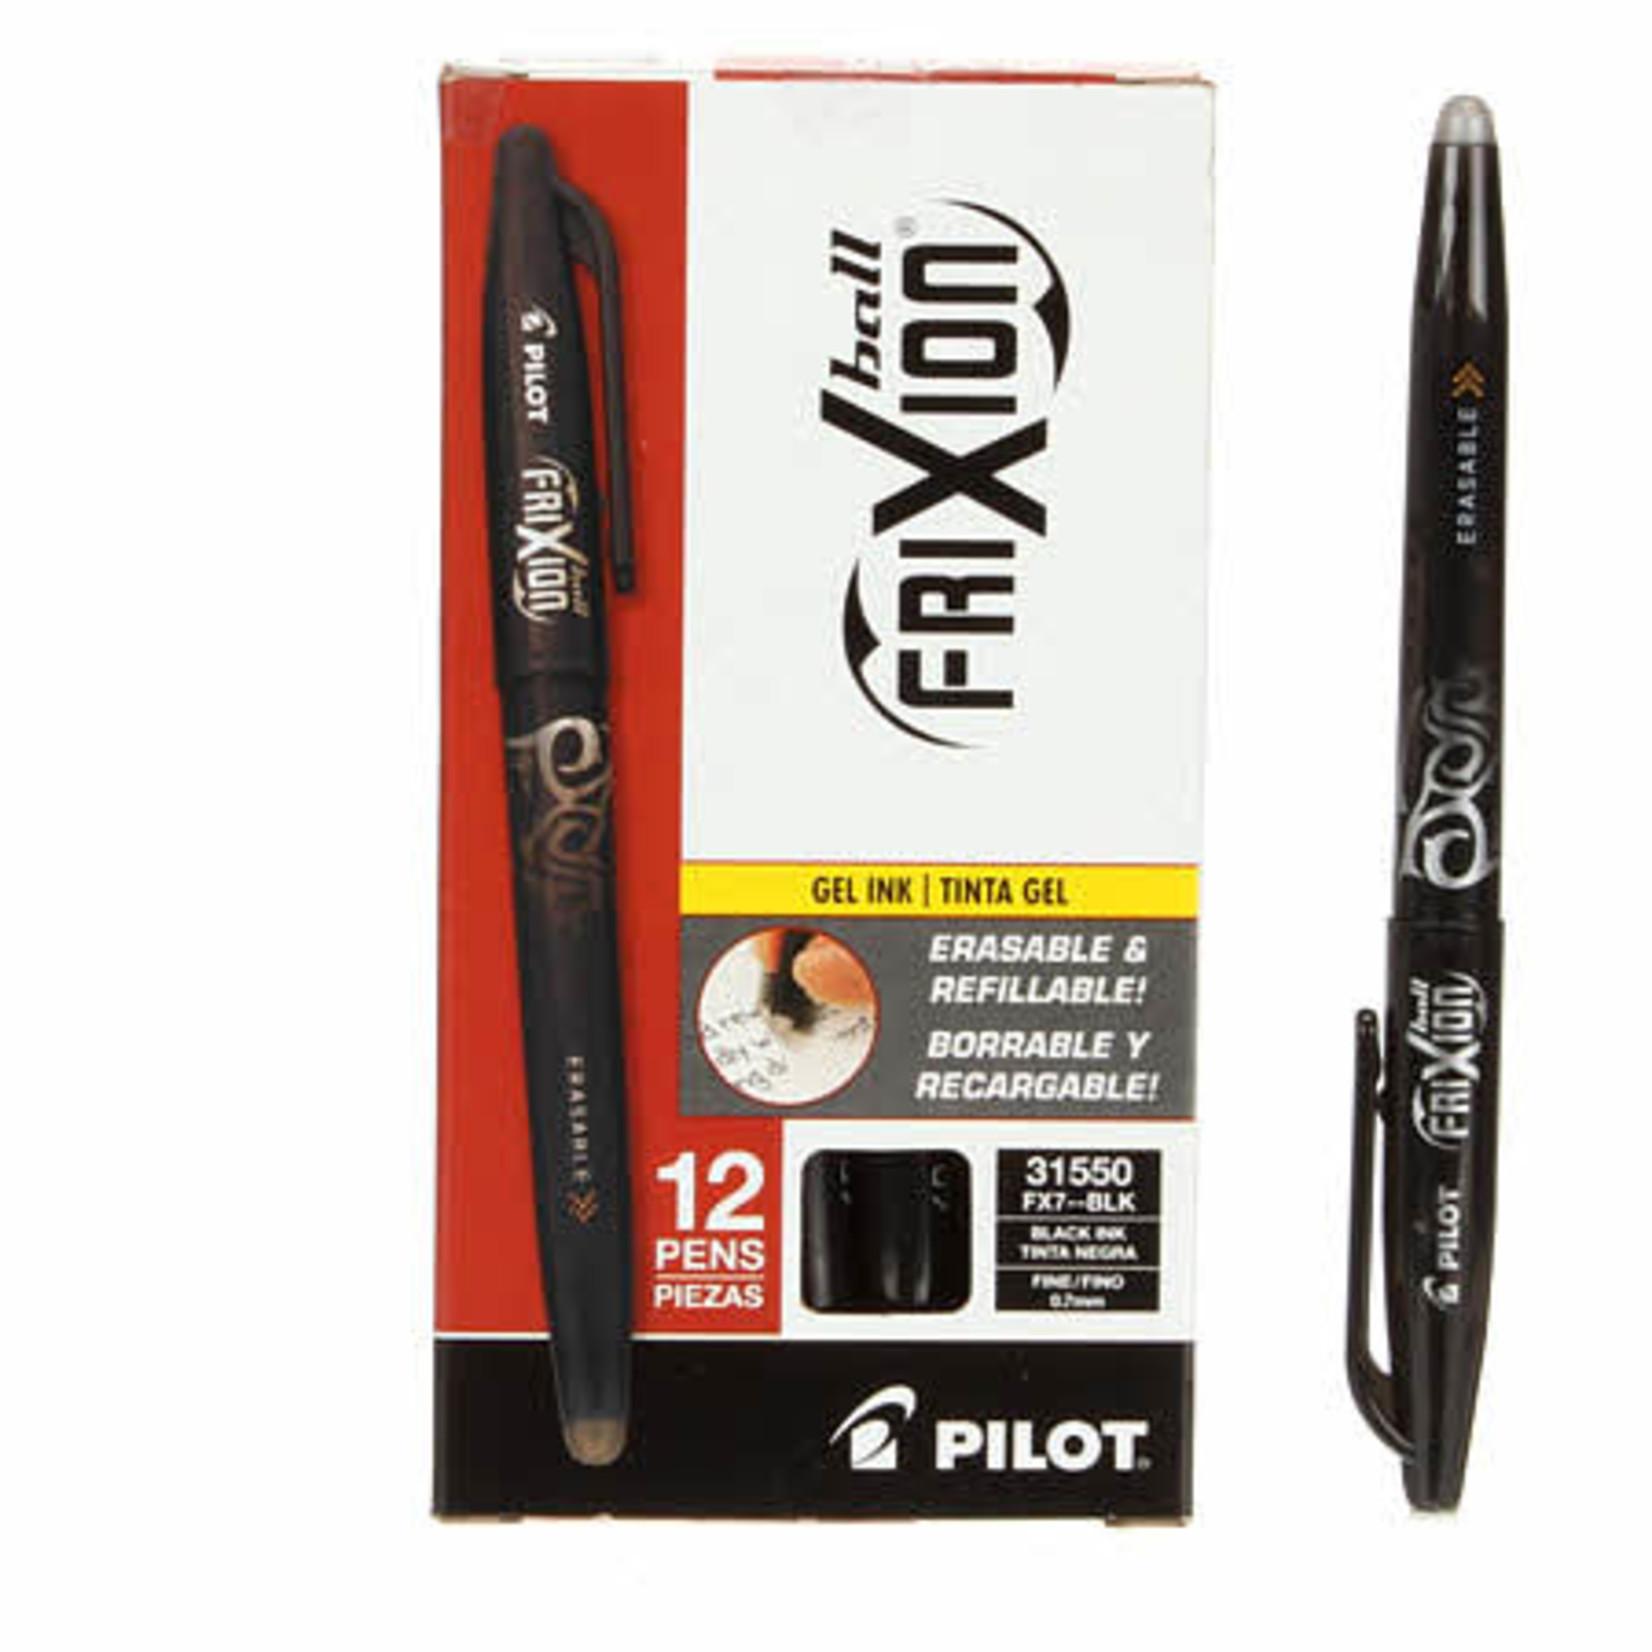 Pilot Markeerpen - Frixion Ball 07 Clip - Verdwijnt met warmte - Zwart